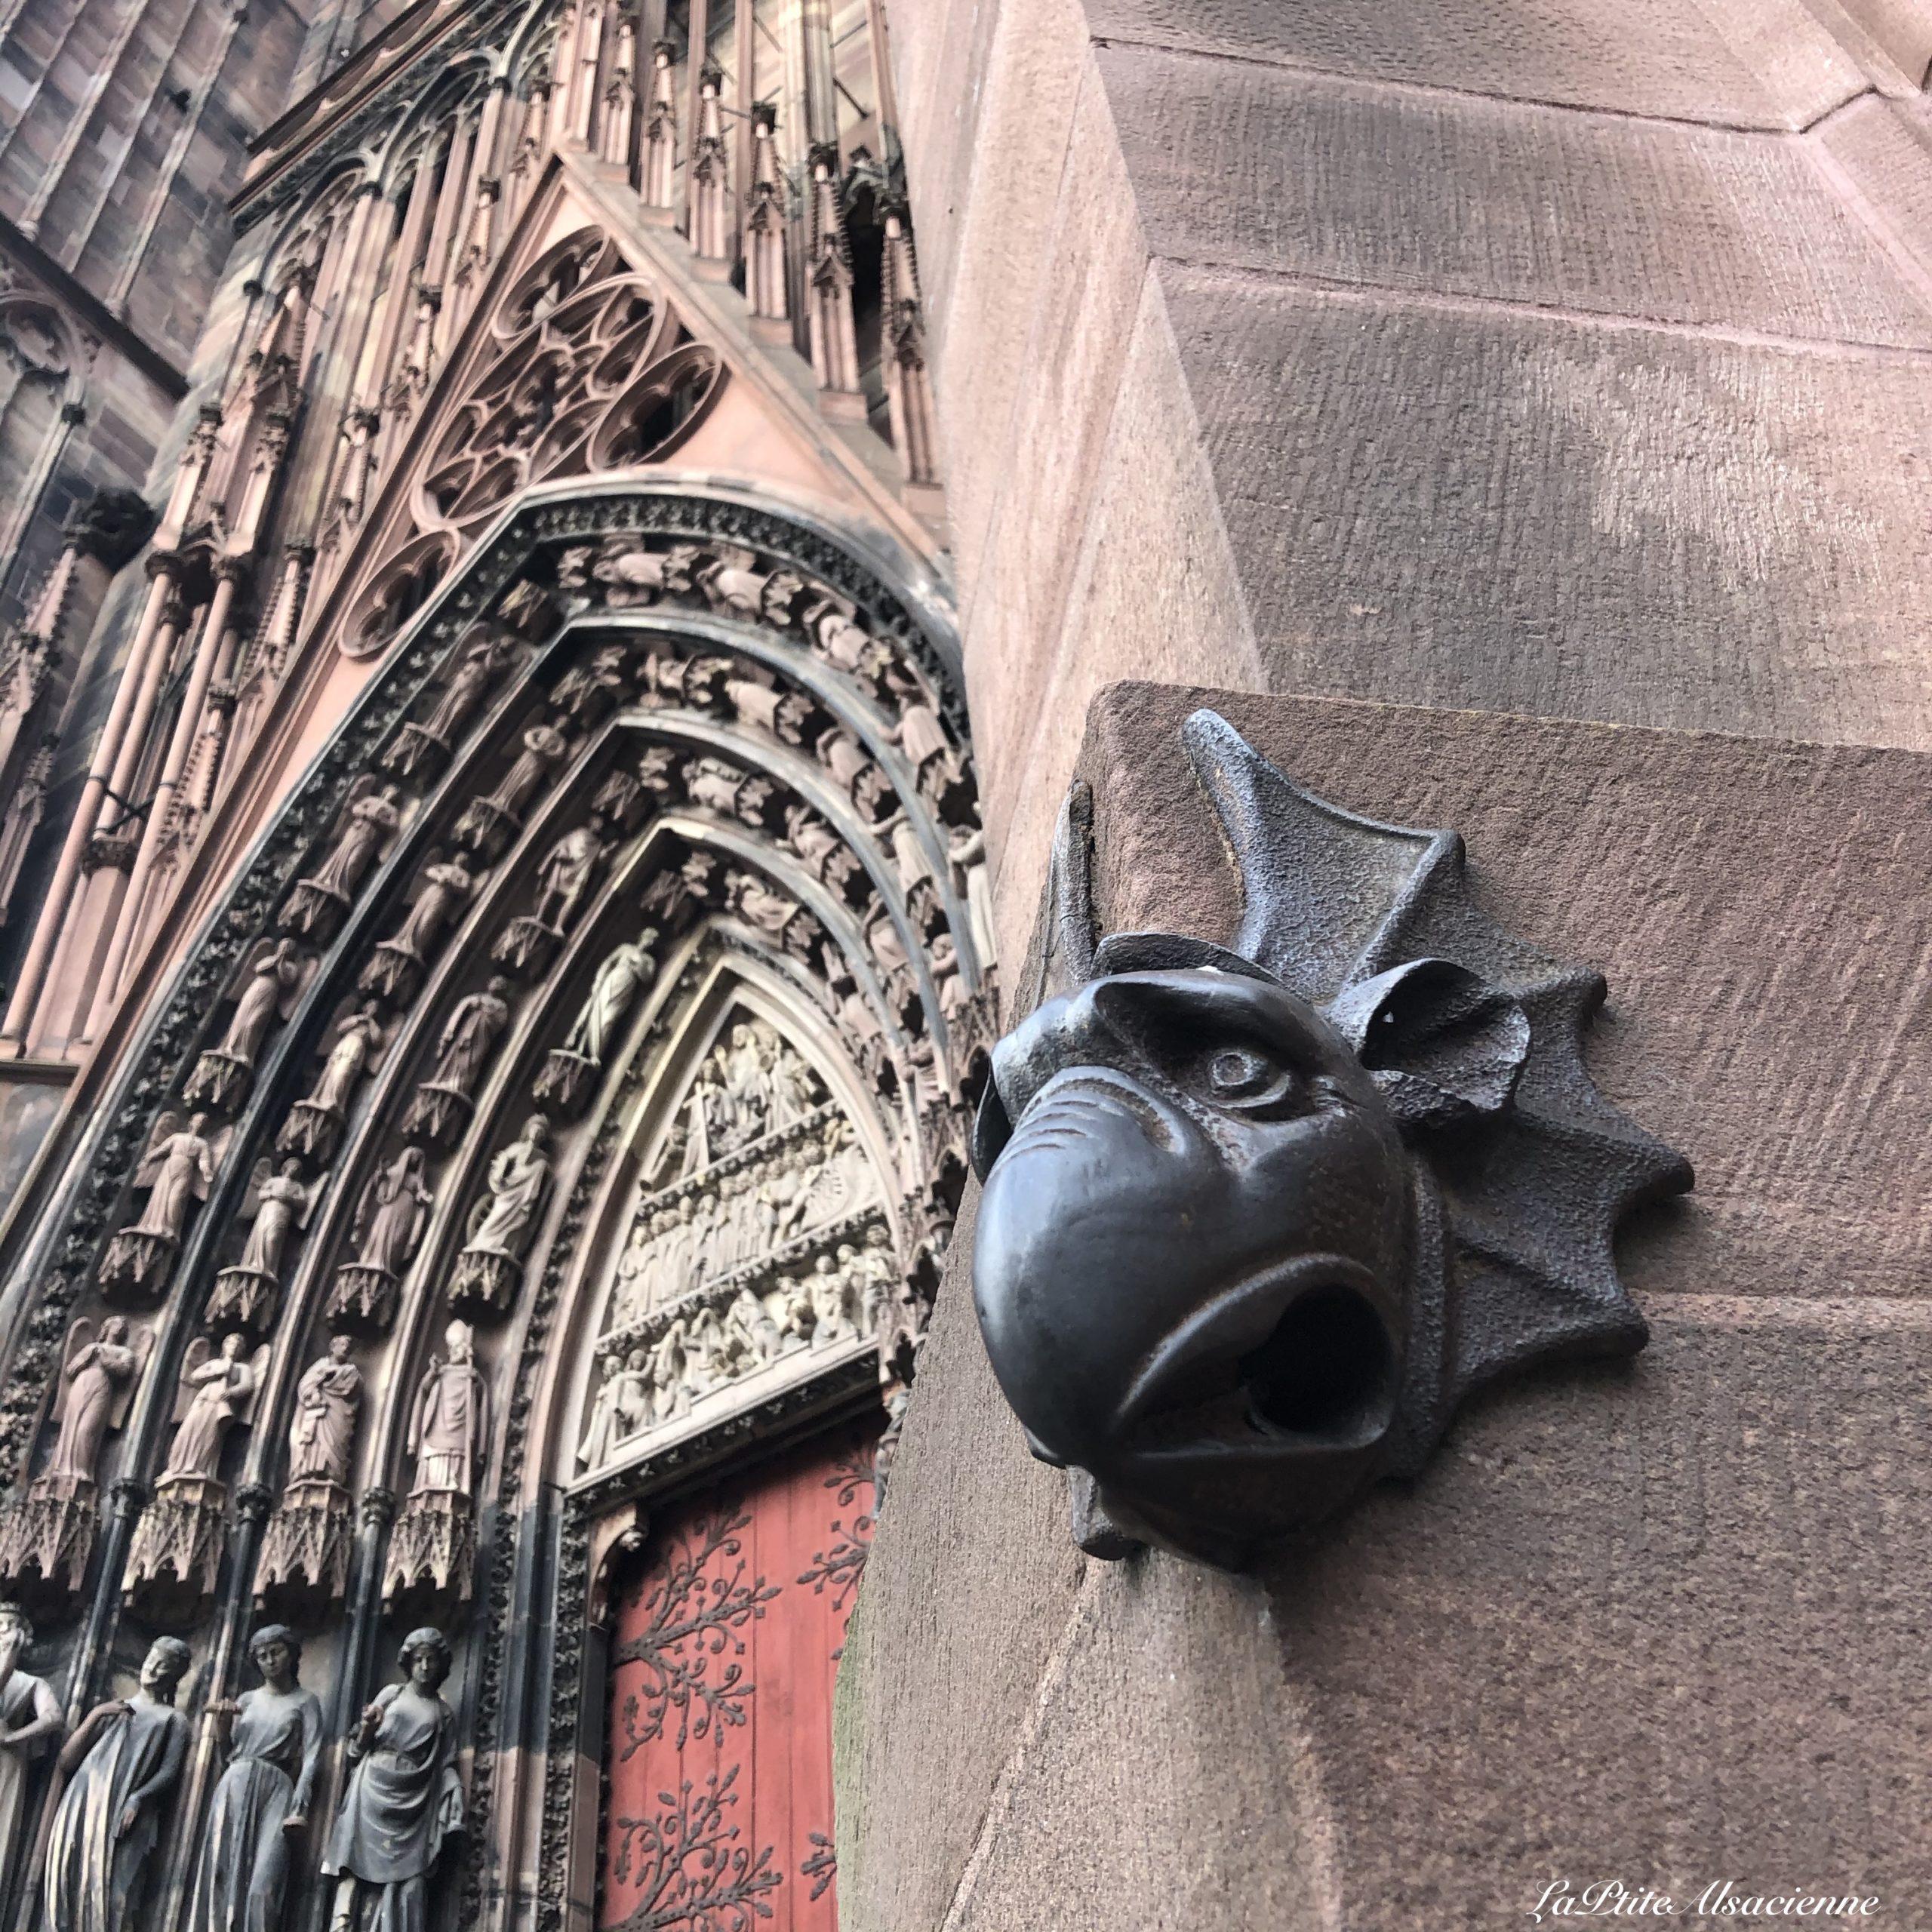 Le porte bonheur de la Cathédrale Notre Dame de Strasbourg - Photo de Cendrine Miesch